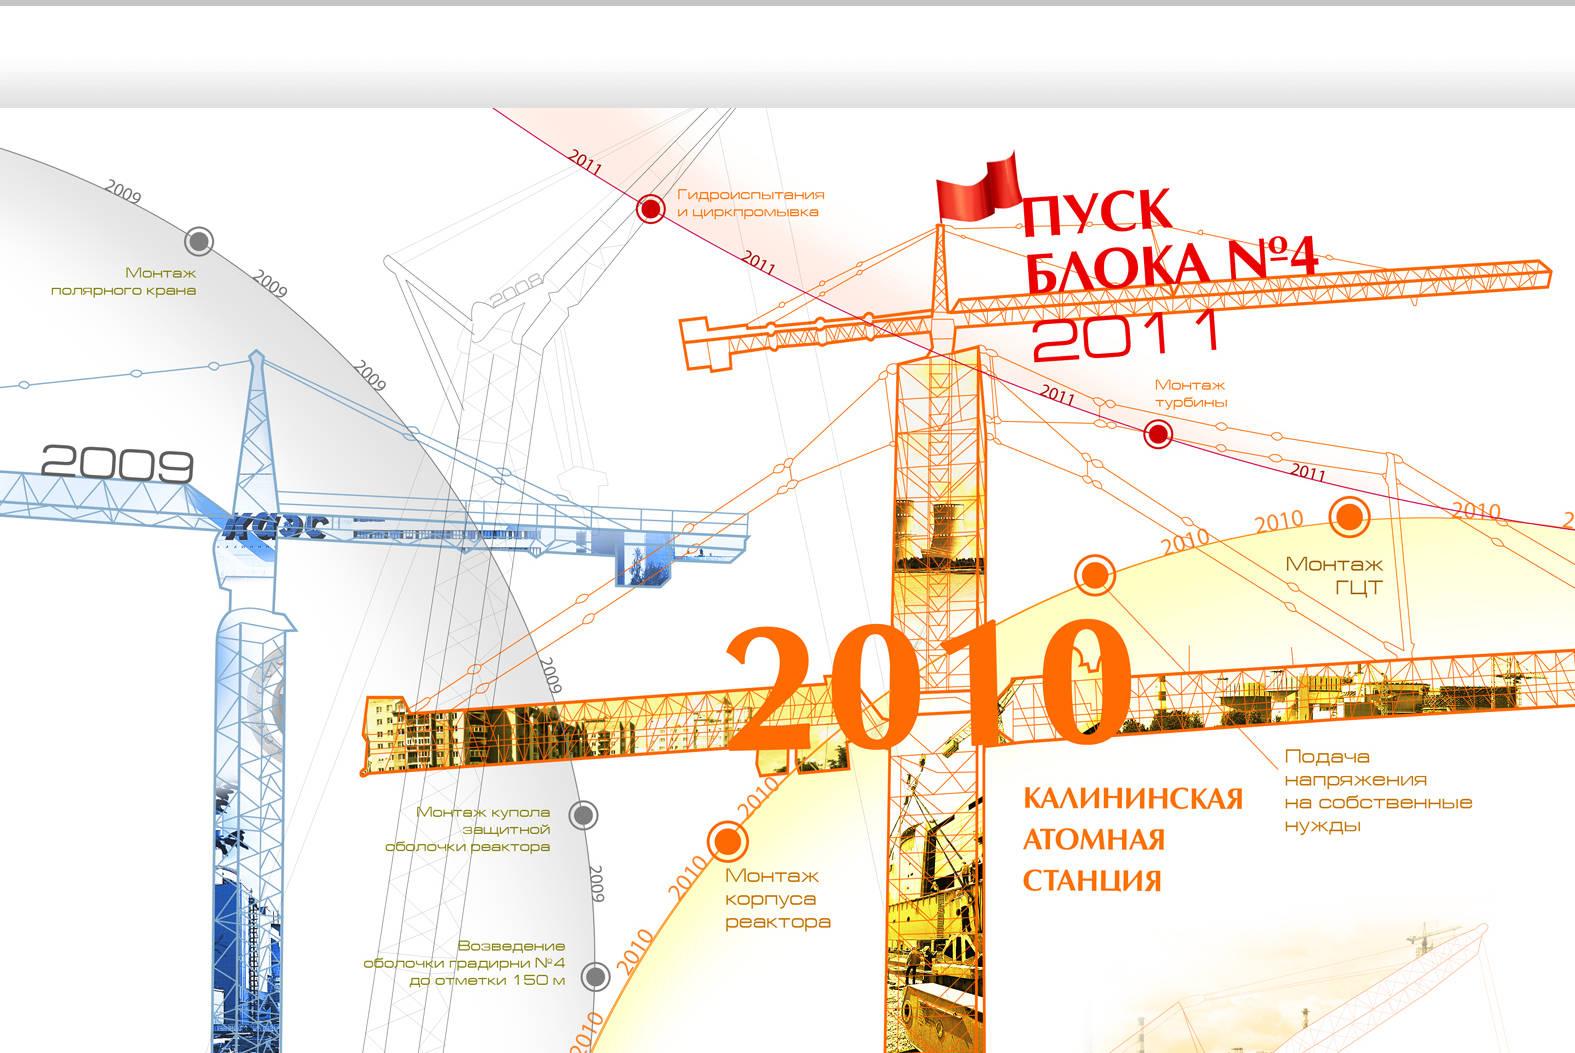 Иллюстрация к квартальному календарю Клн АЭС.